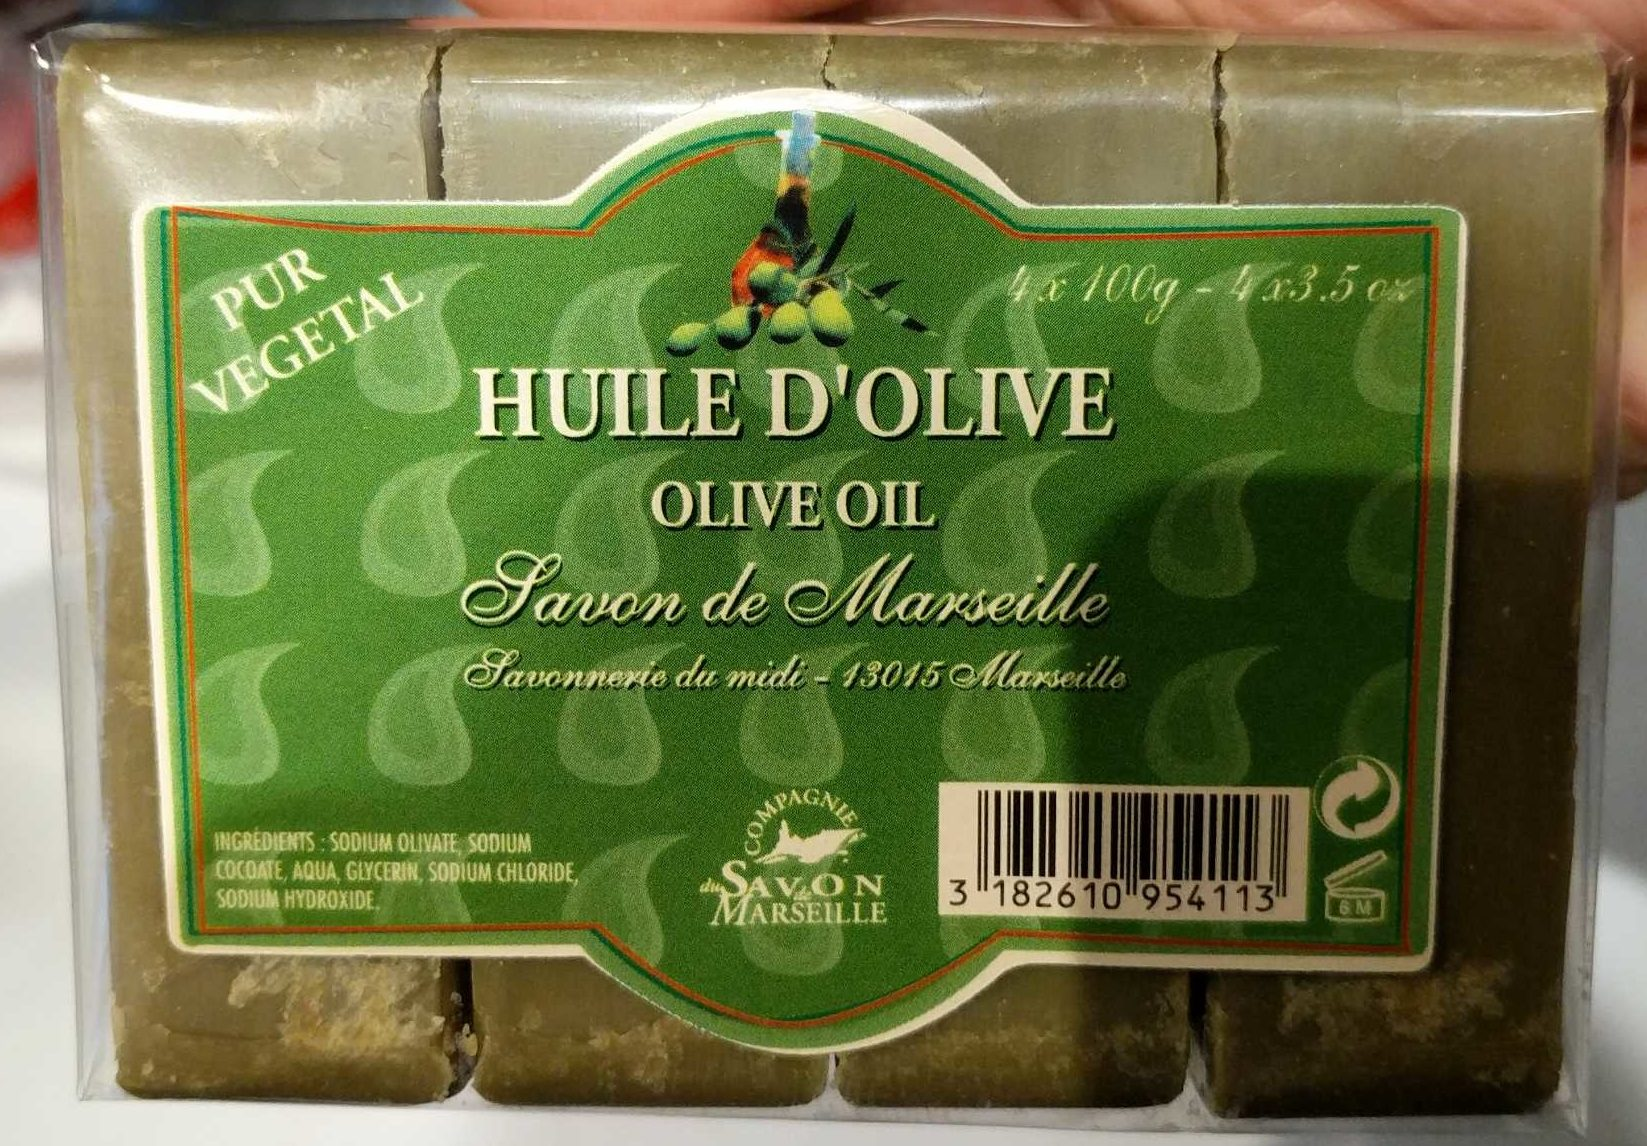 Savon de Marseille Huile d'olive - Produit